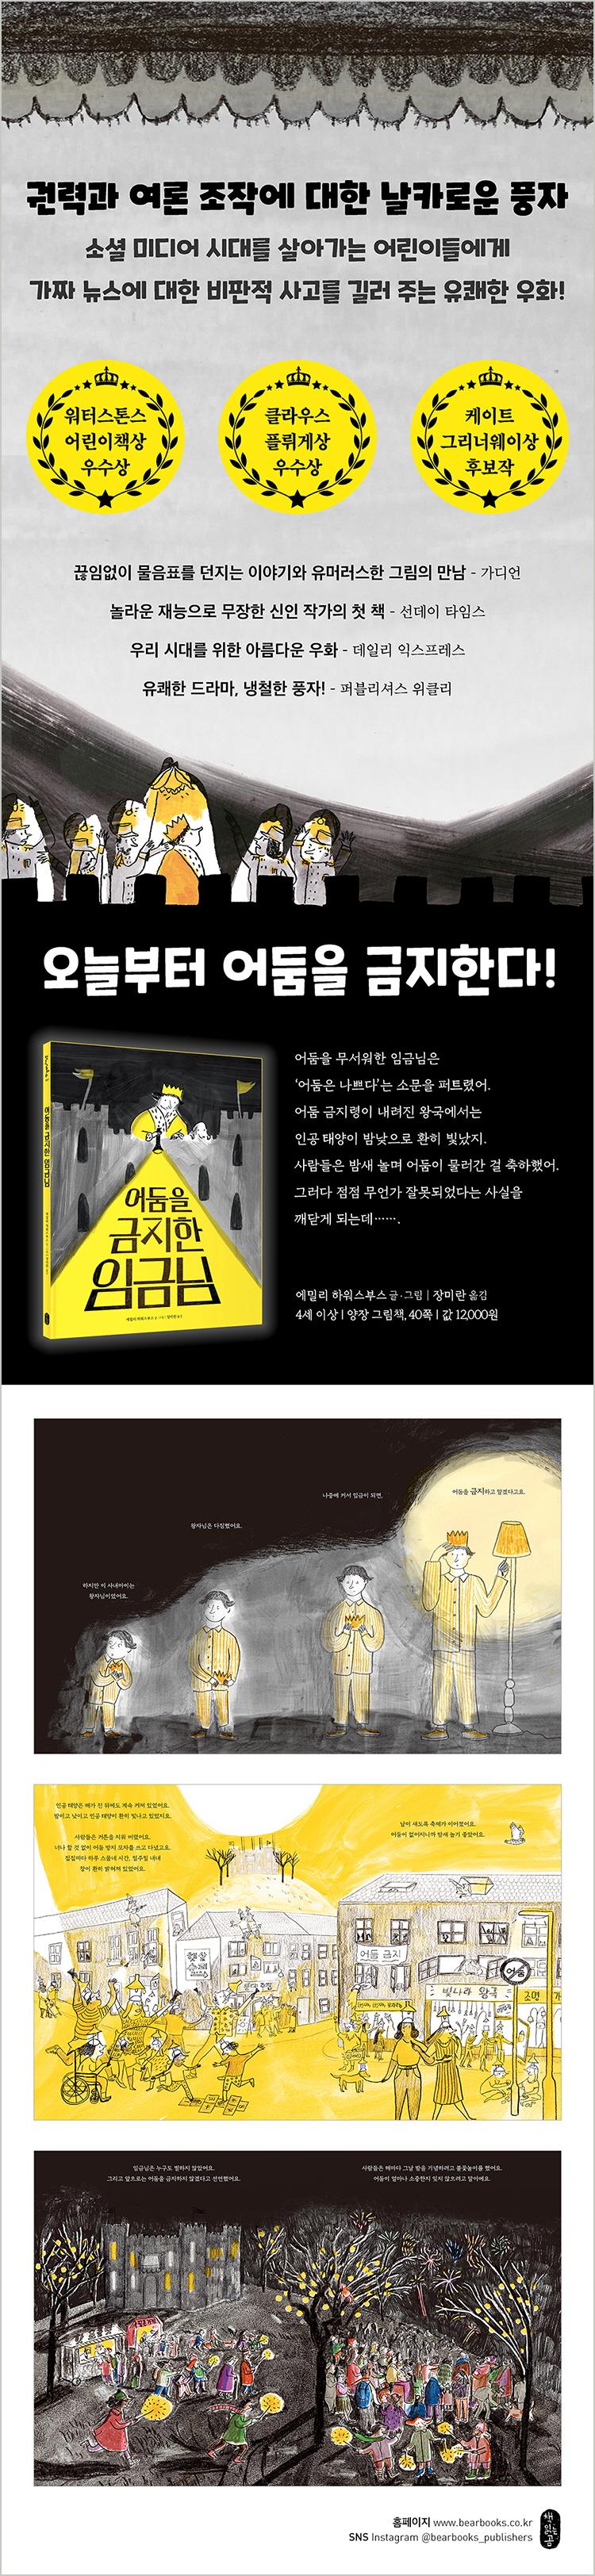 어둠을 금지한 임금님(작은곰자리 45)(양장본 HardCover) 도서 상세이미지